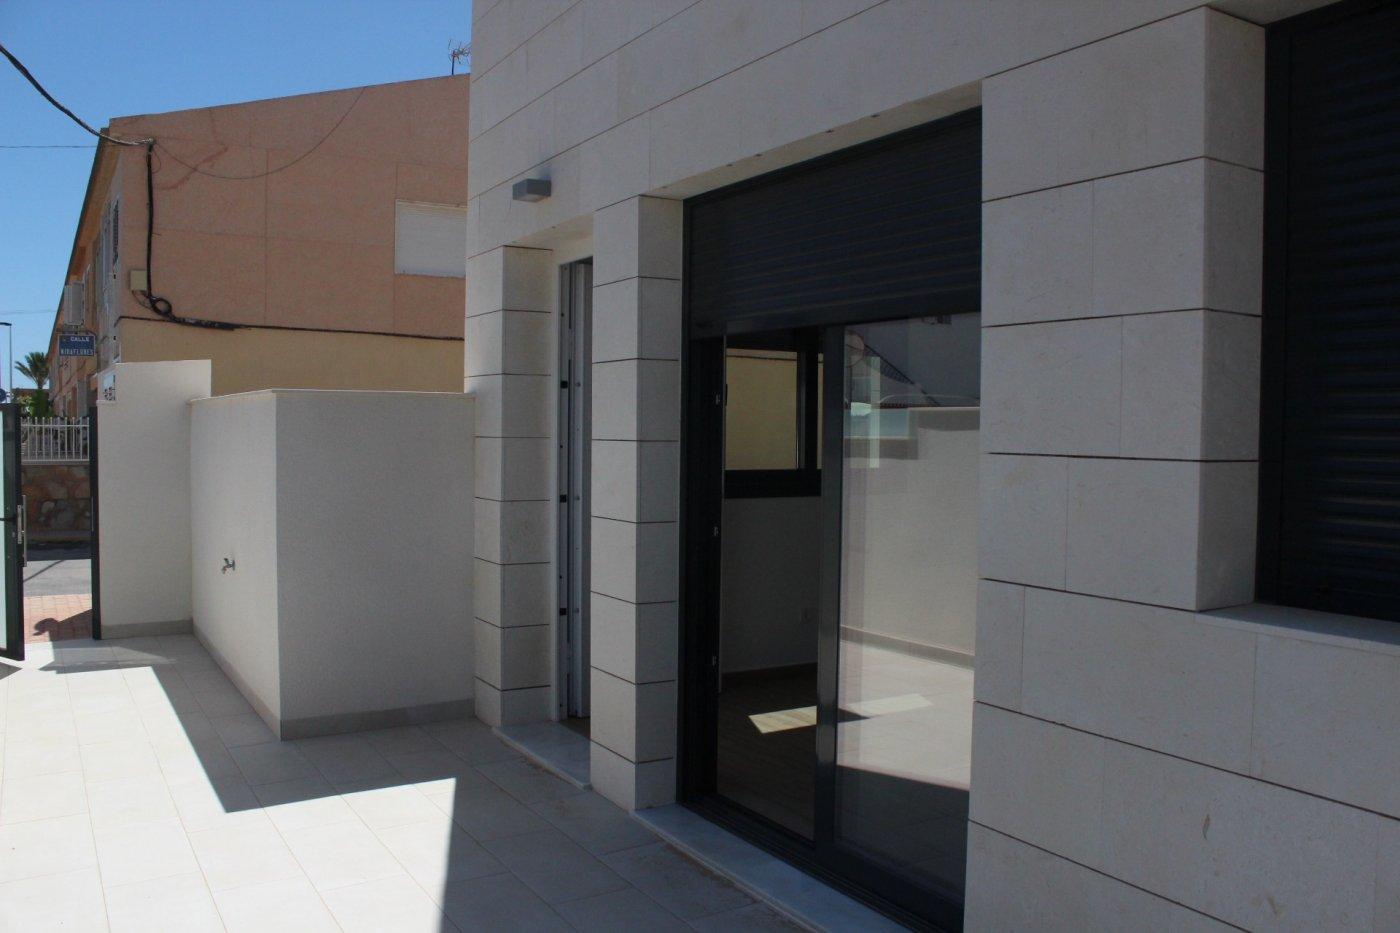 Moderno apartamento planta baja en el mojón - imagenInmueble10